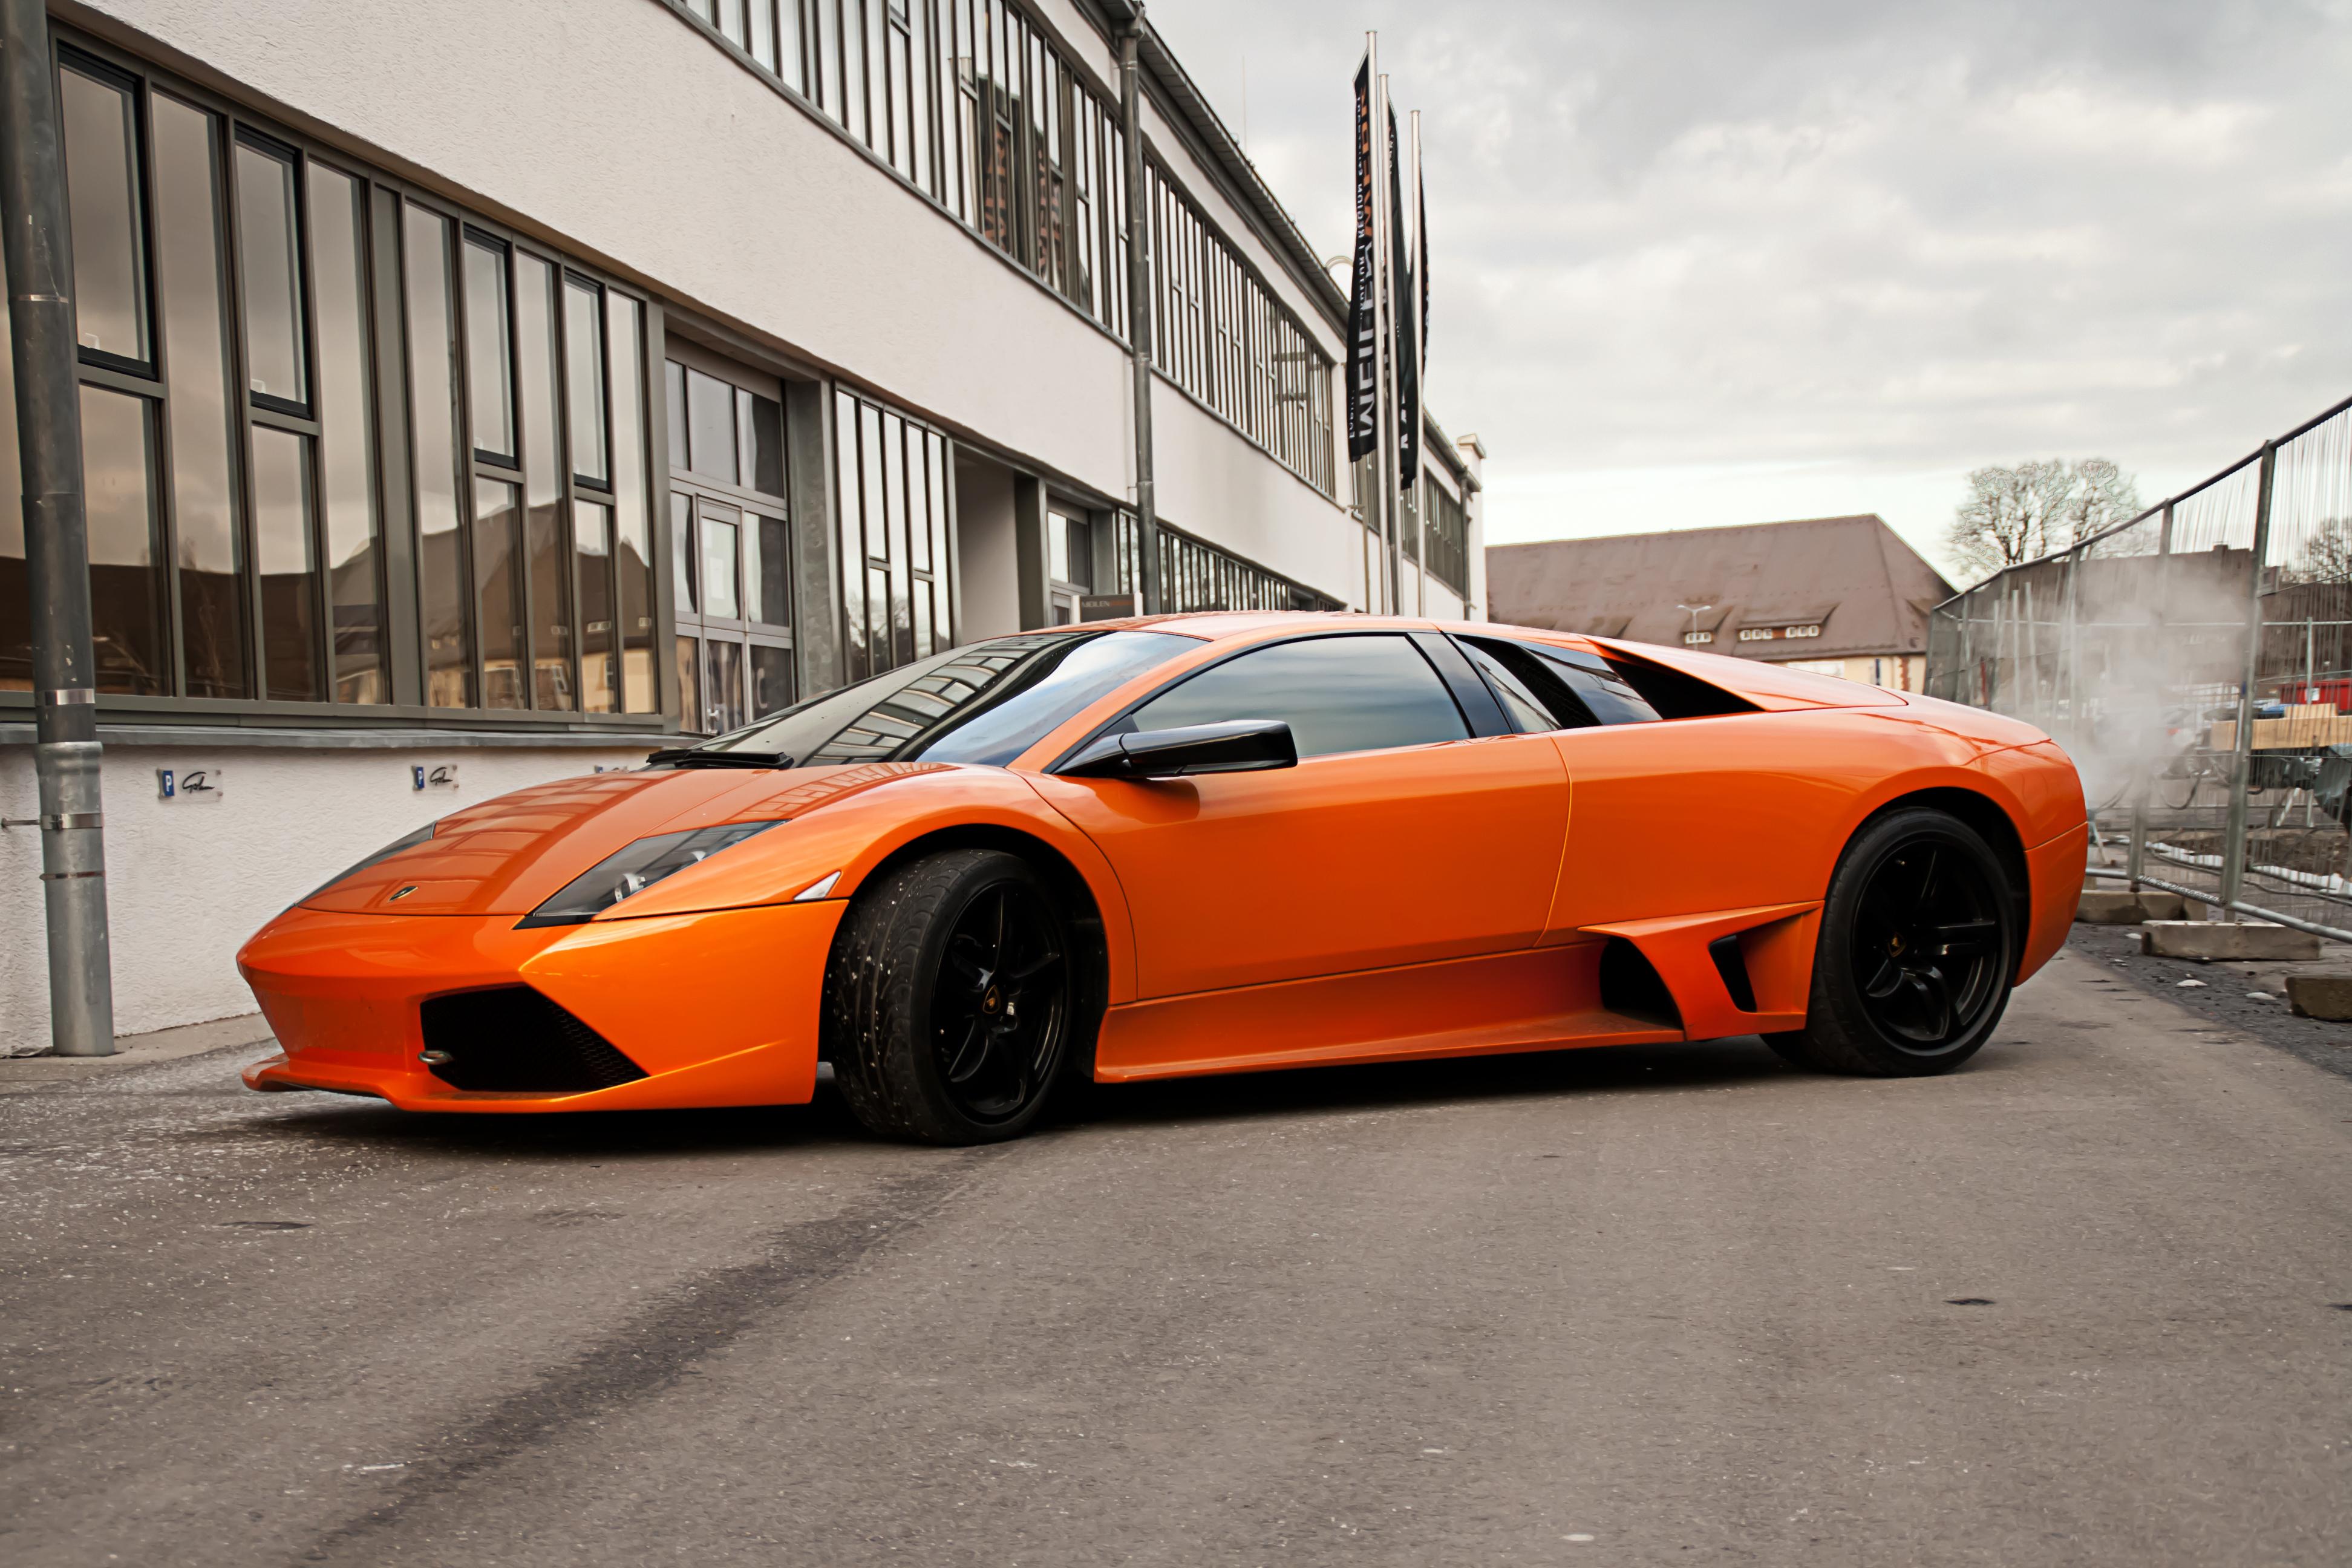 Lamborghini Murcielago Wallpapers Images Photos Pictures